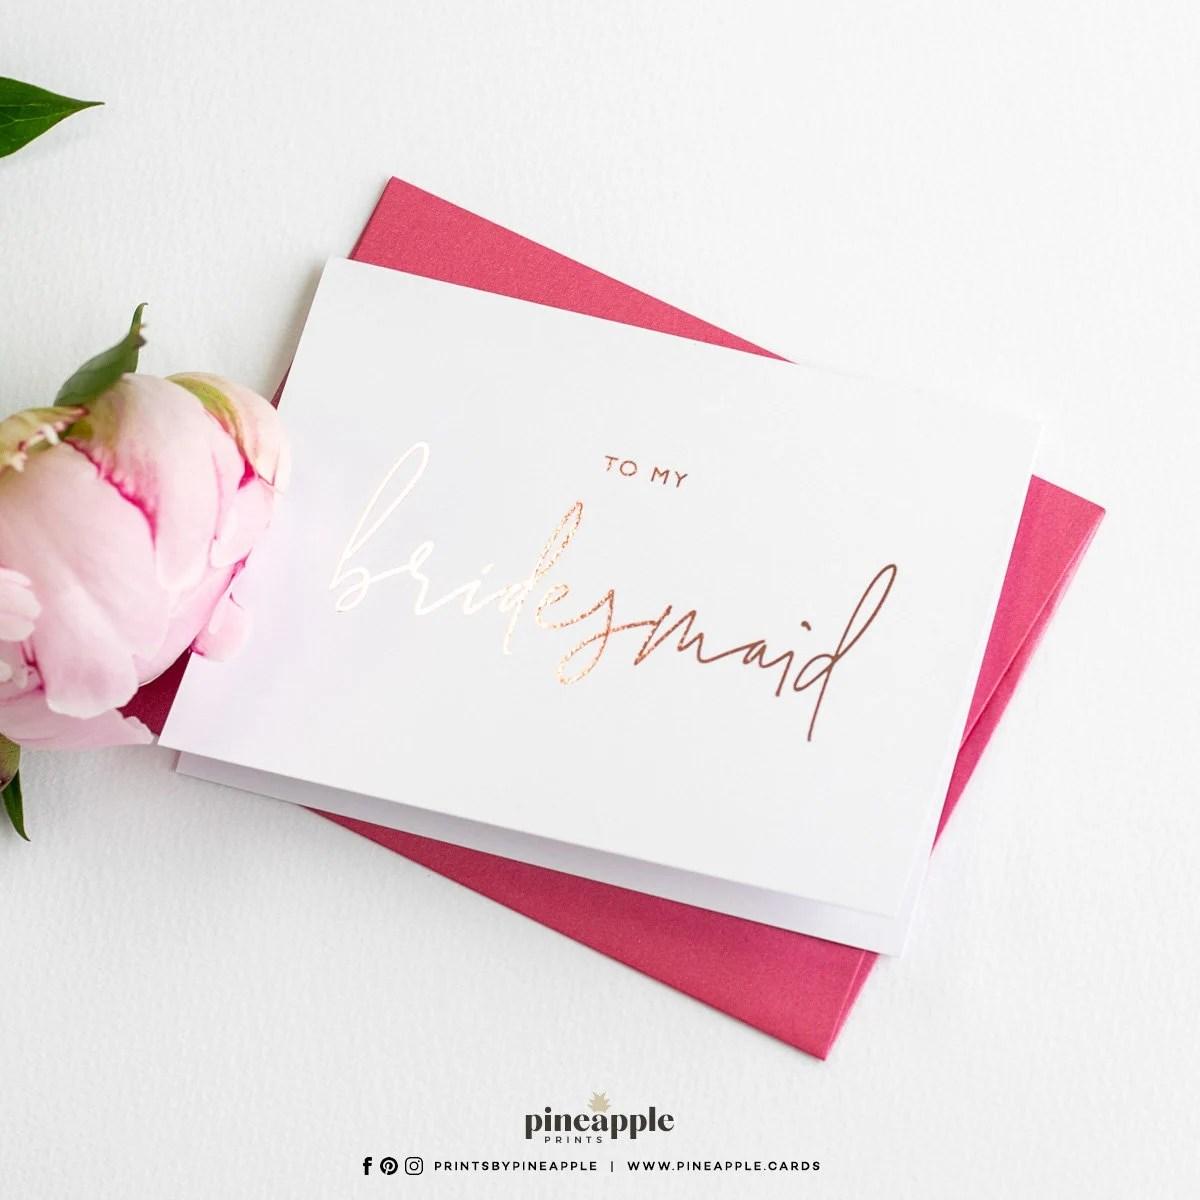 To My Bridesmaid Cards  My Bridesmaid Card  Ask Bridesmaid  image 1